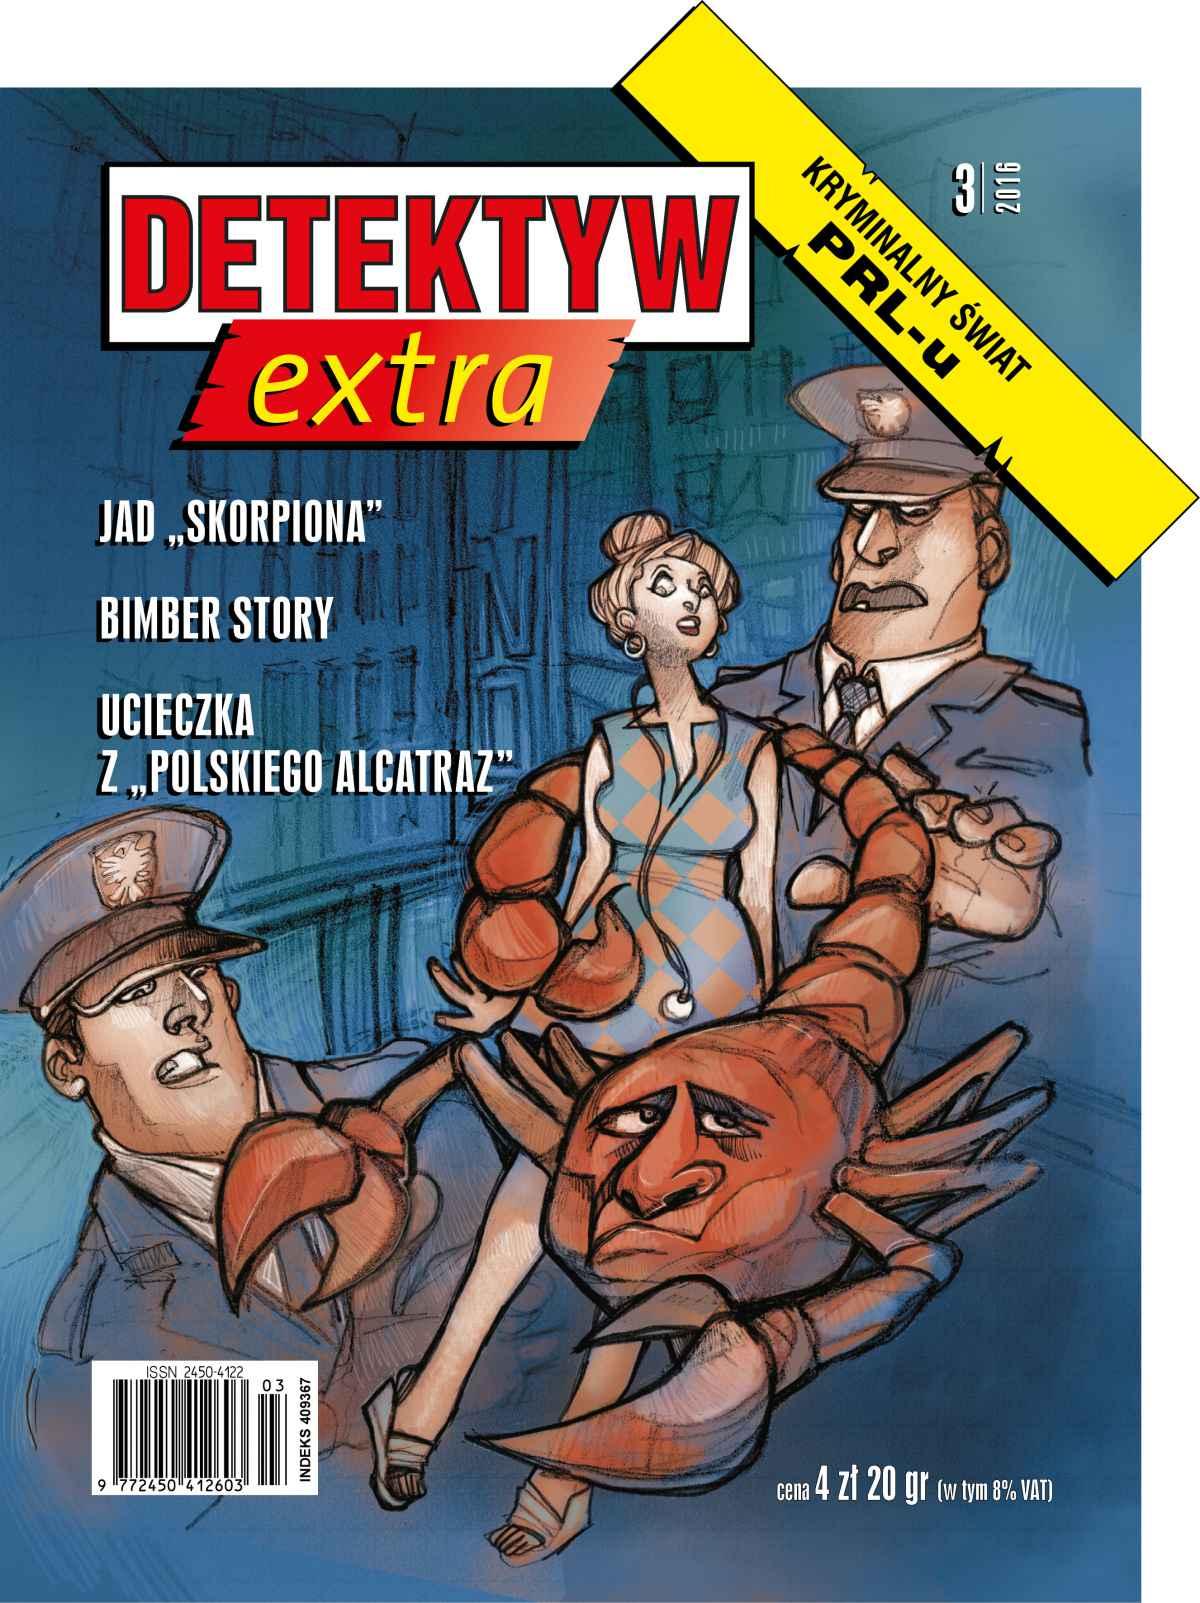 Detektyw Extra 3/2016 - Ebook (Książka PDF) do pobrania w formacie PDF